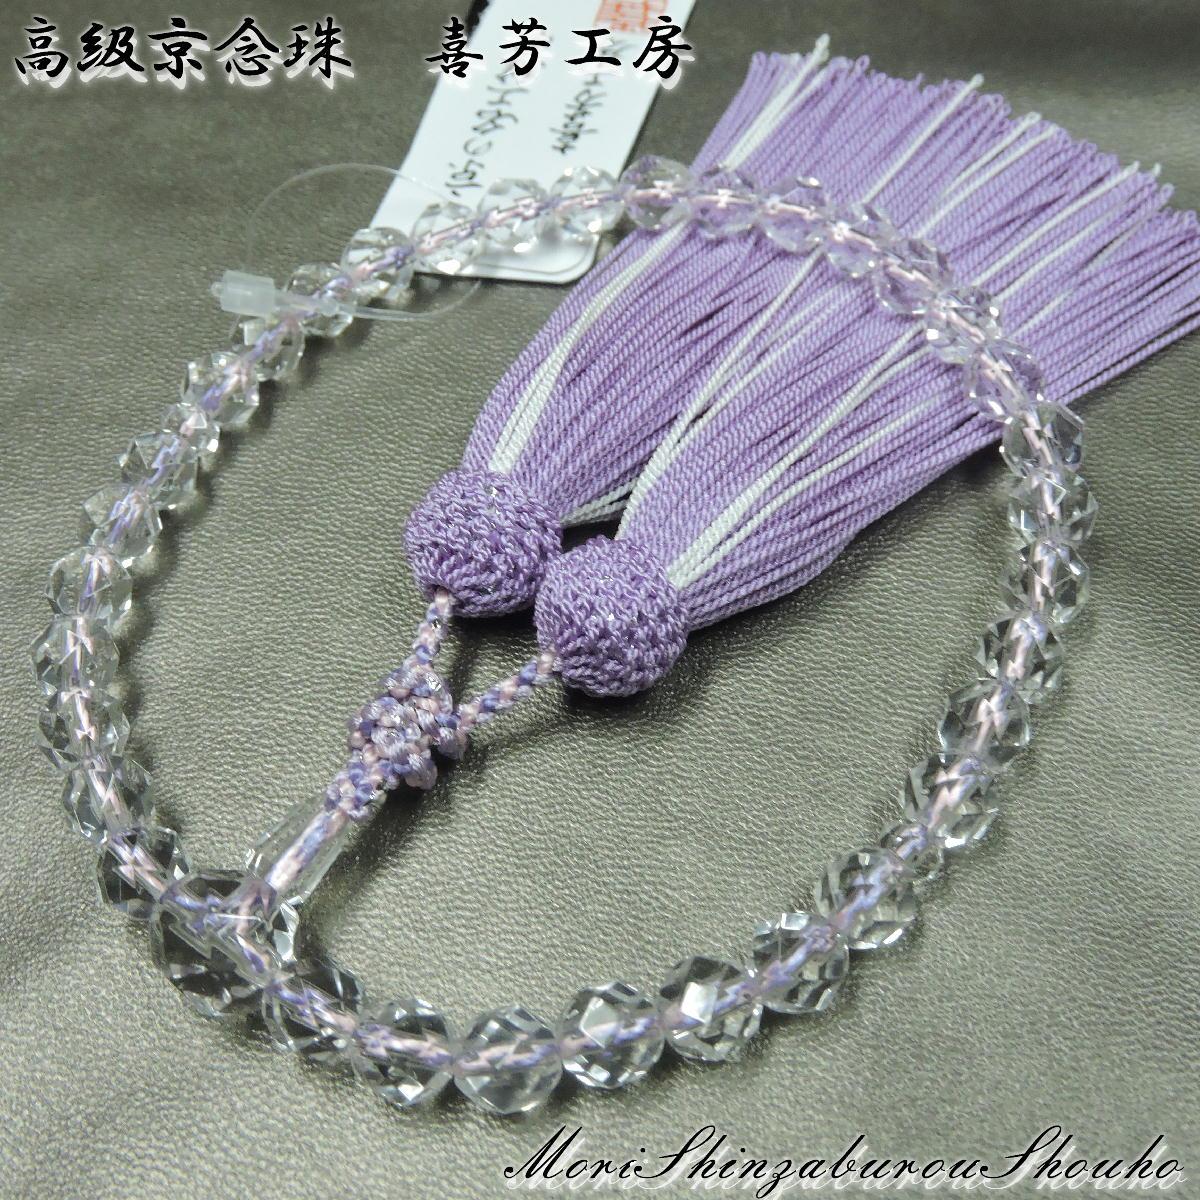 【数珠袋付き】高級京念珠「喜芳工房」本水晶切子8ミリ 女性用念珠 正絹房